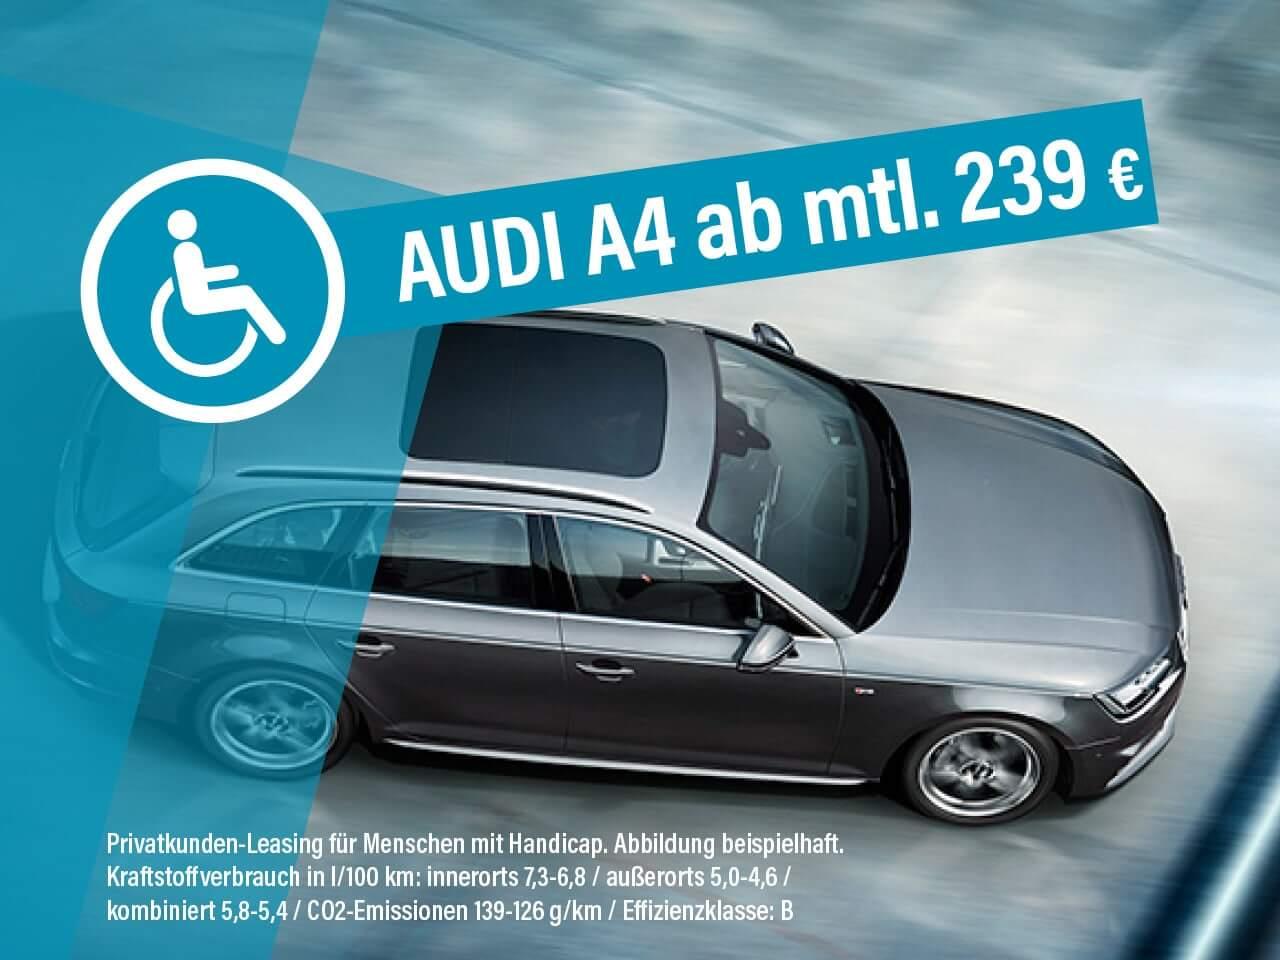 Audi A4 S4 Leasing Ab 239 Euro Im Monat Brutto Fur Menschen Mit Behinderungen Sparneuwagen De